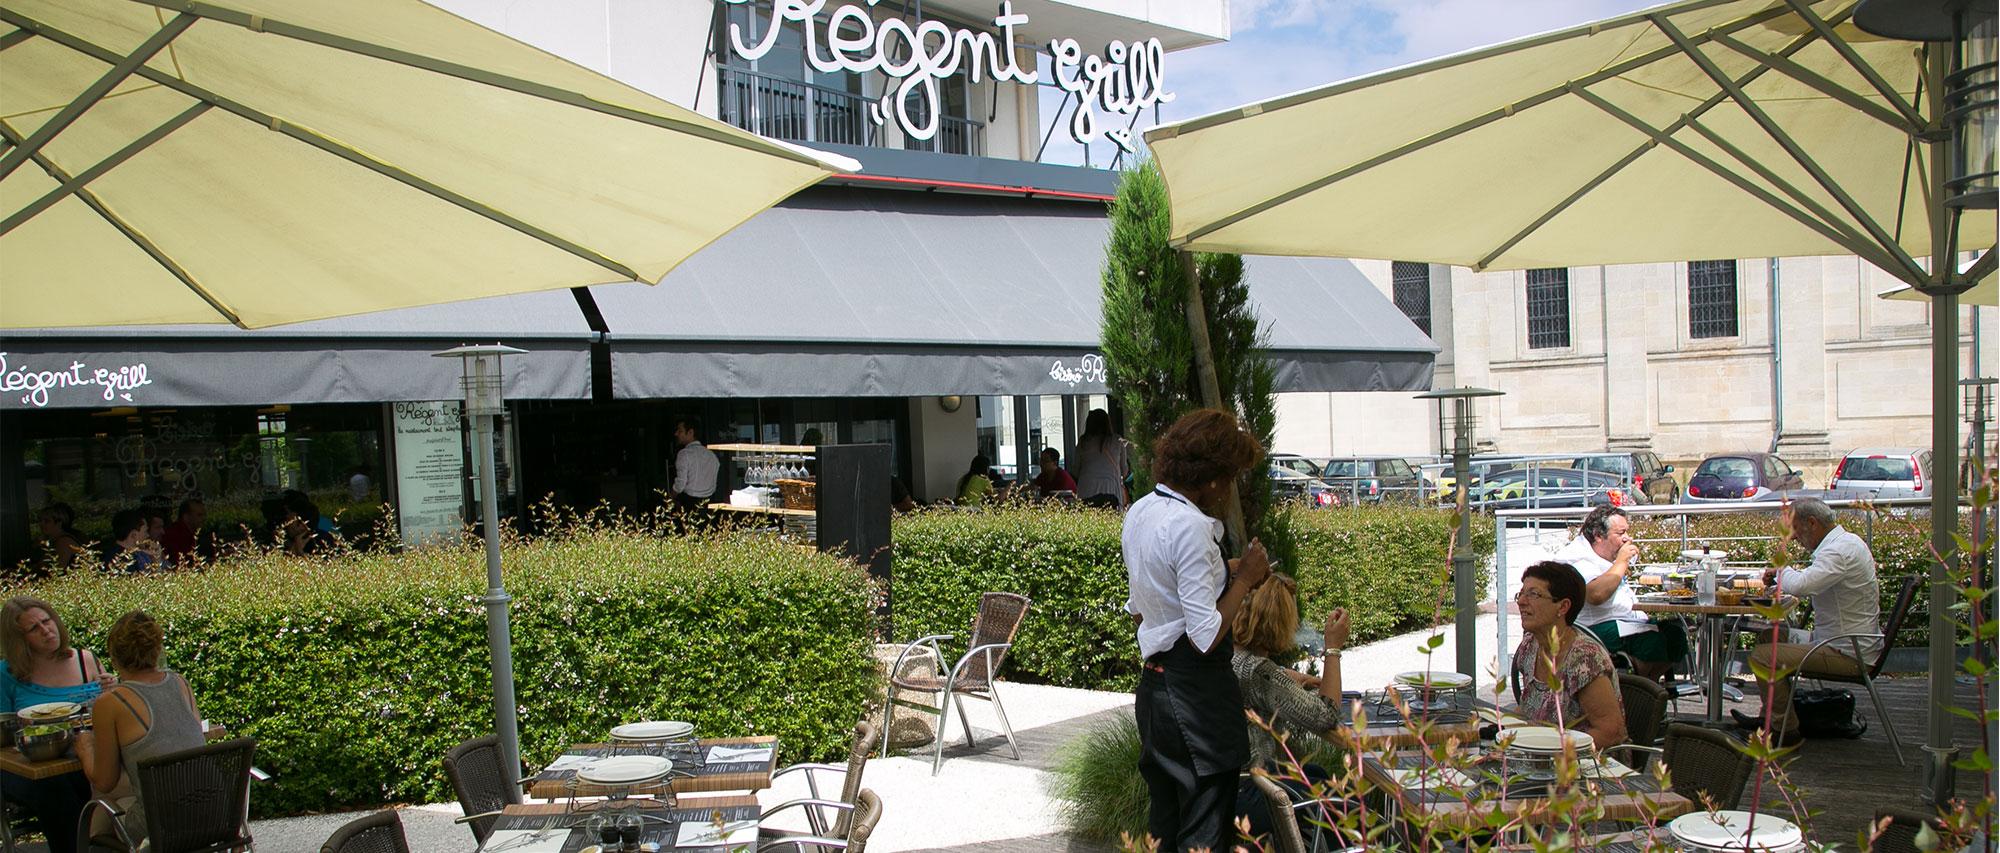 bistro r gent le restaurant base de produits frais partout en france. Black Bedroom Furniture Sets. Home Design Ideas